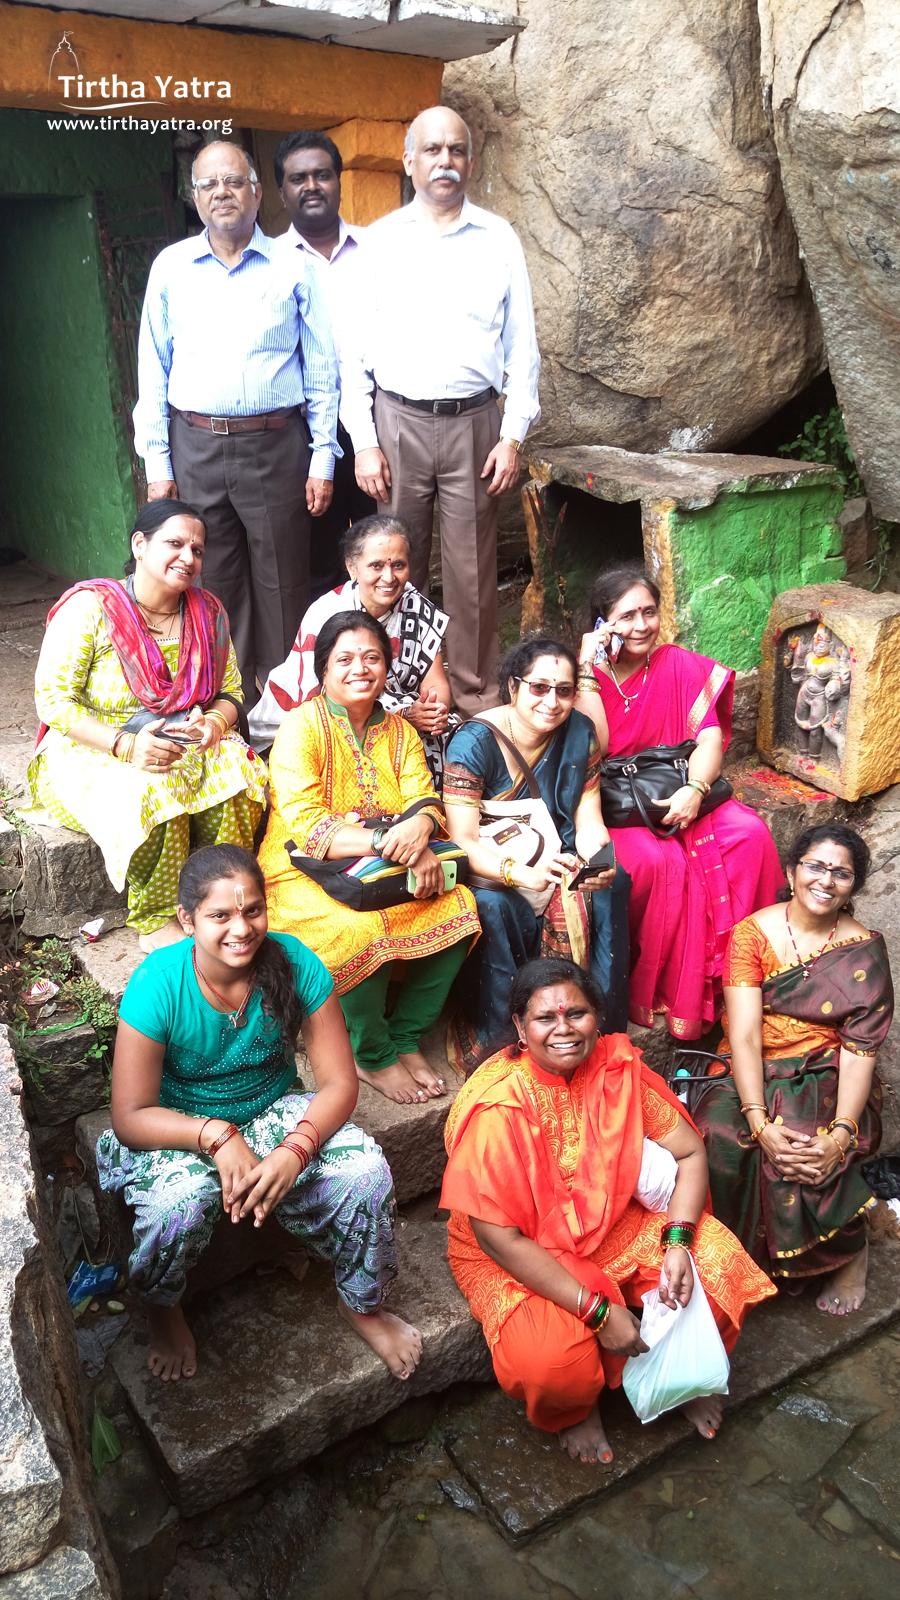 Yatri at Lakshmana Tirtha